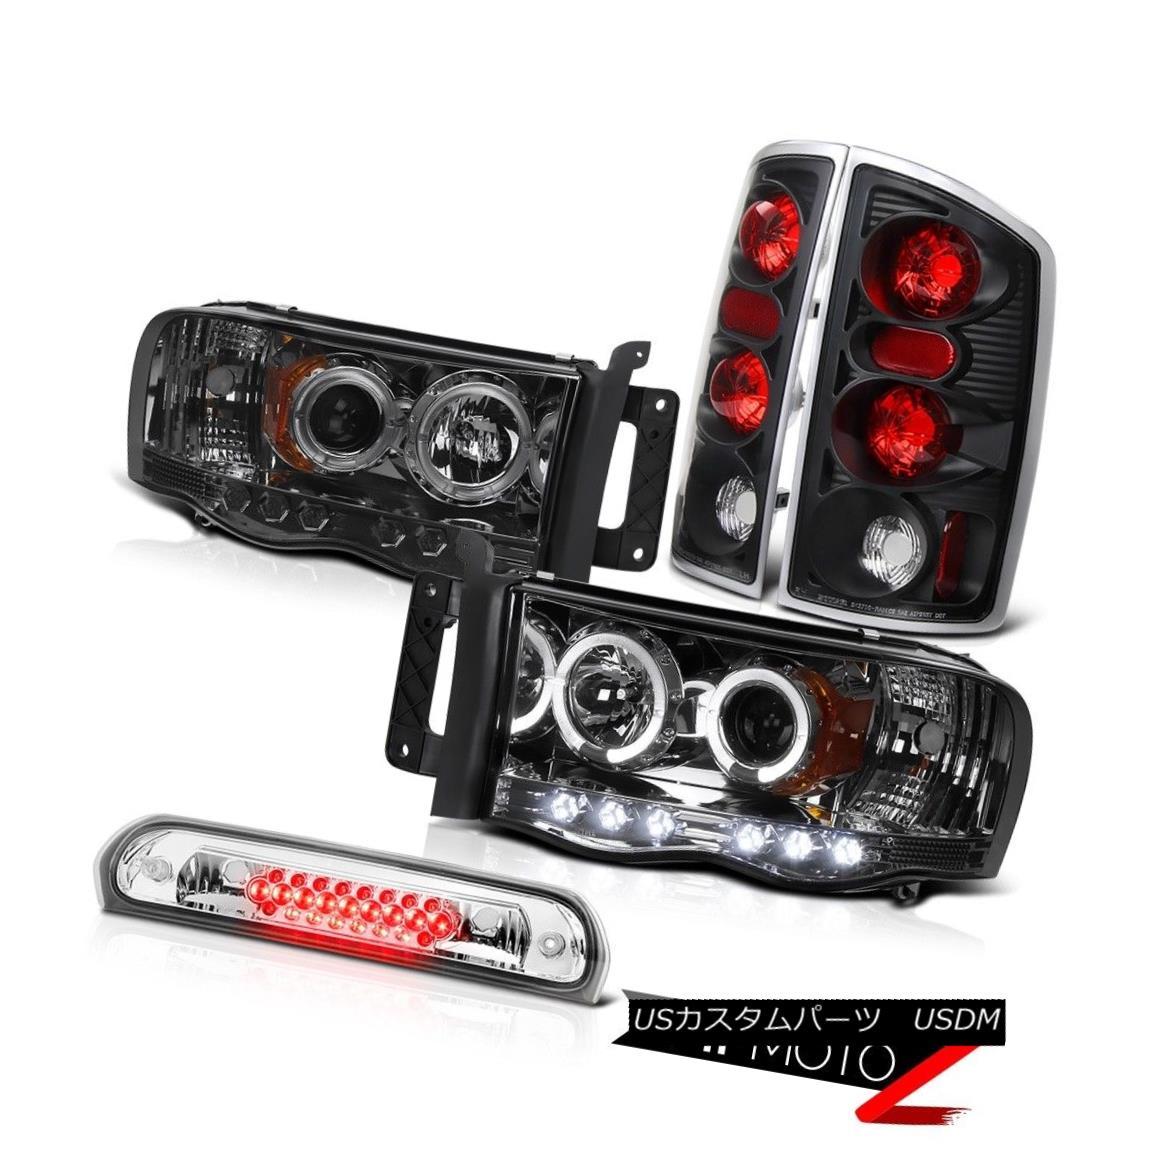 ヘッドライト Angel Eye Headlamps Rear Brake Lights Roof Cargo LED 02 03 04 05 Ram Magnum V8 エンジェルアイヘッドランプリアブレーキライトルーフカーゴLED 02 03 04 05ラムマグナムV8